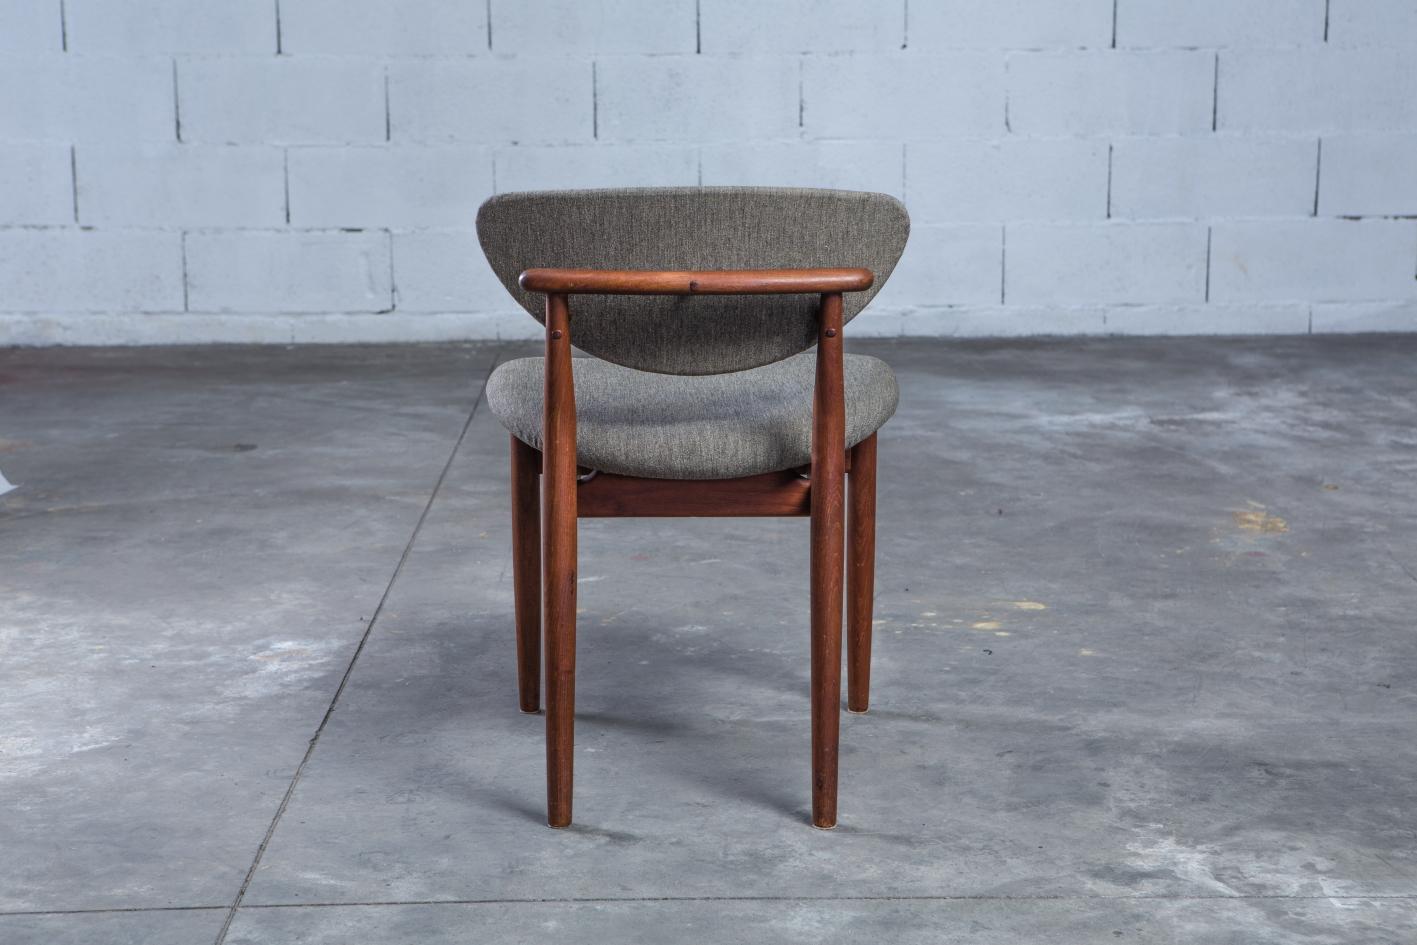 NV108 - Fj55 chairs - Finn Juhl for Niels Vodder - Back view